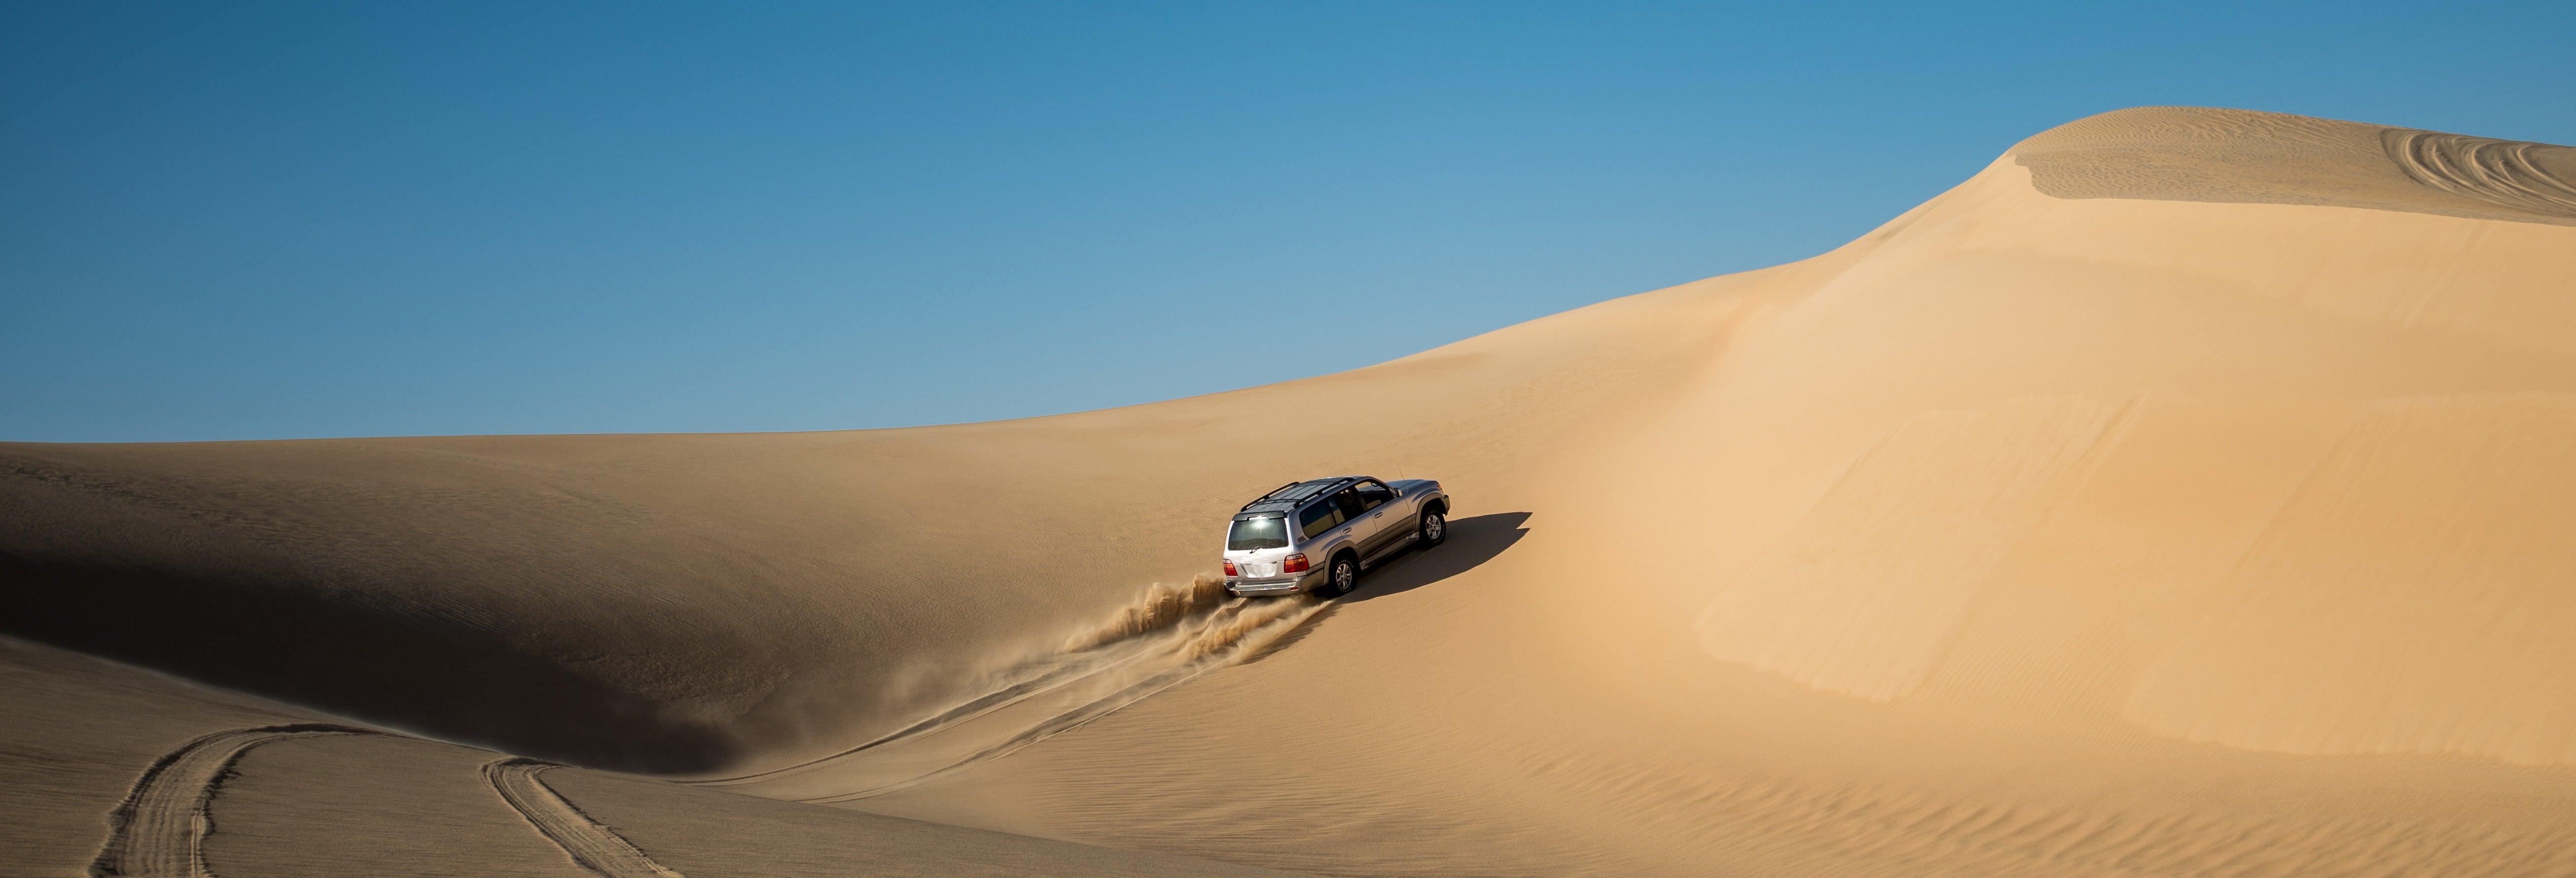 Excursión de 5 días a Alejandría y el desierto de Siwa